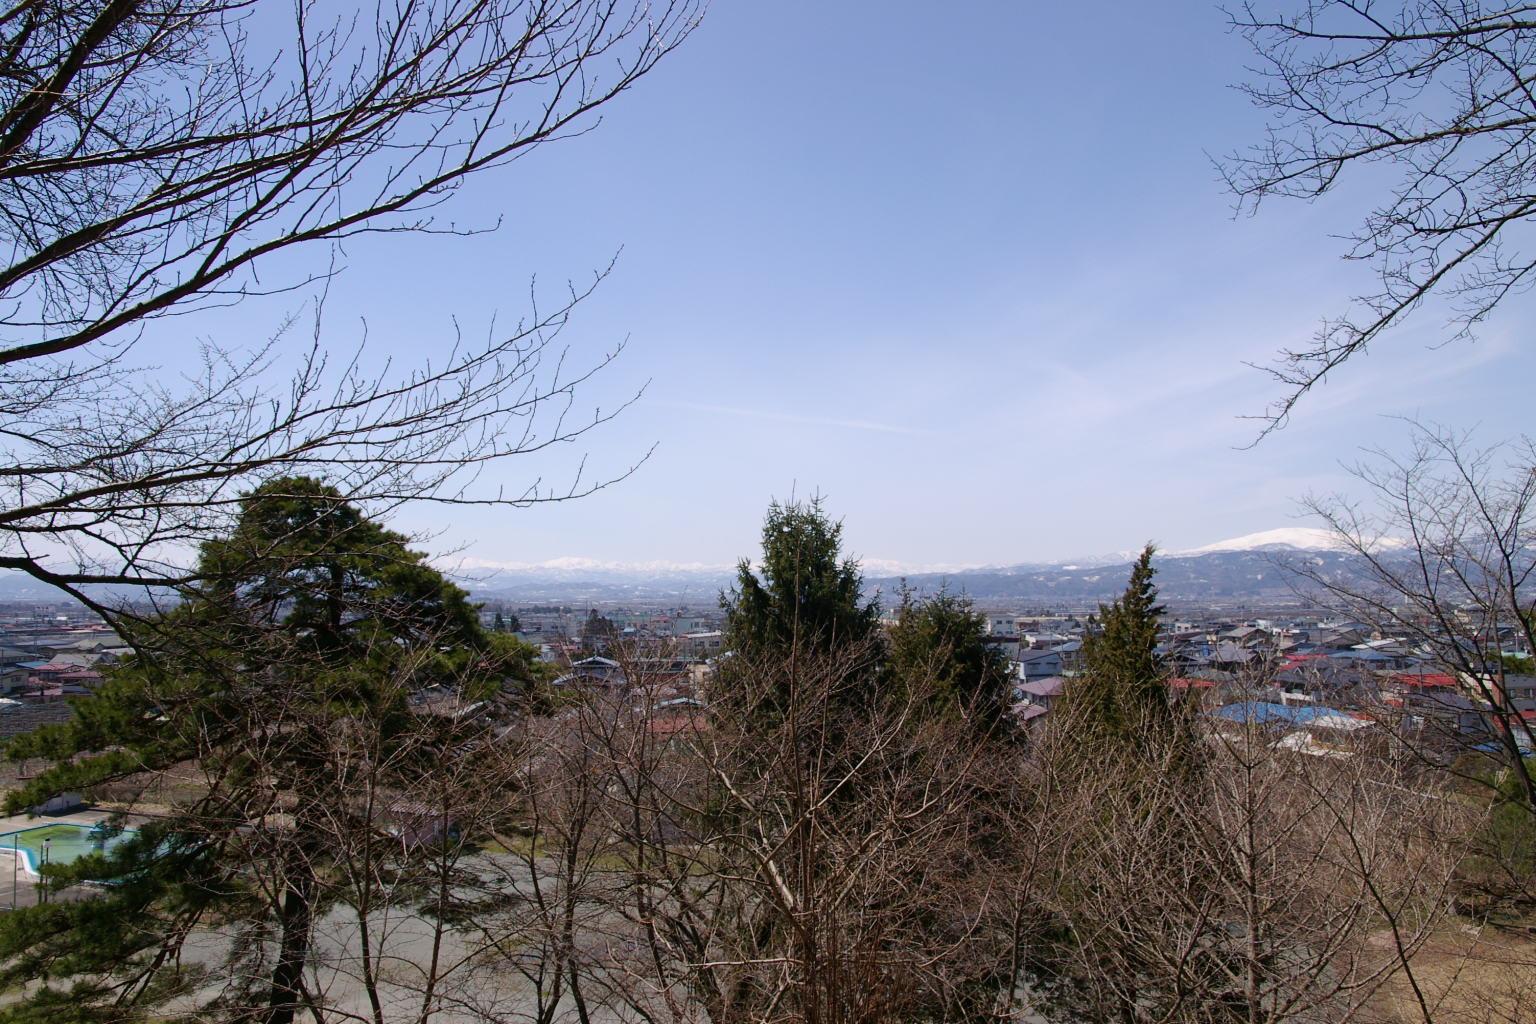 パラノラマのような風景が広がり、月山から朝日連峰までいい眺めです